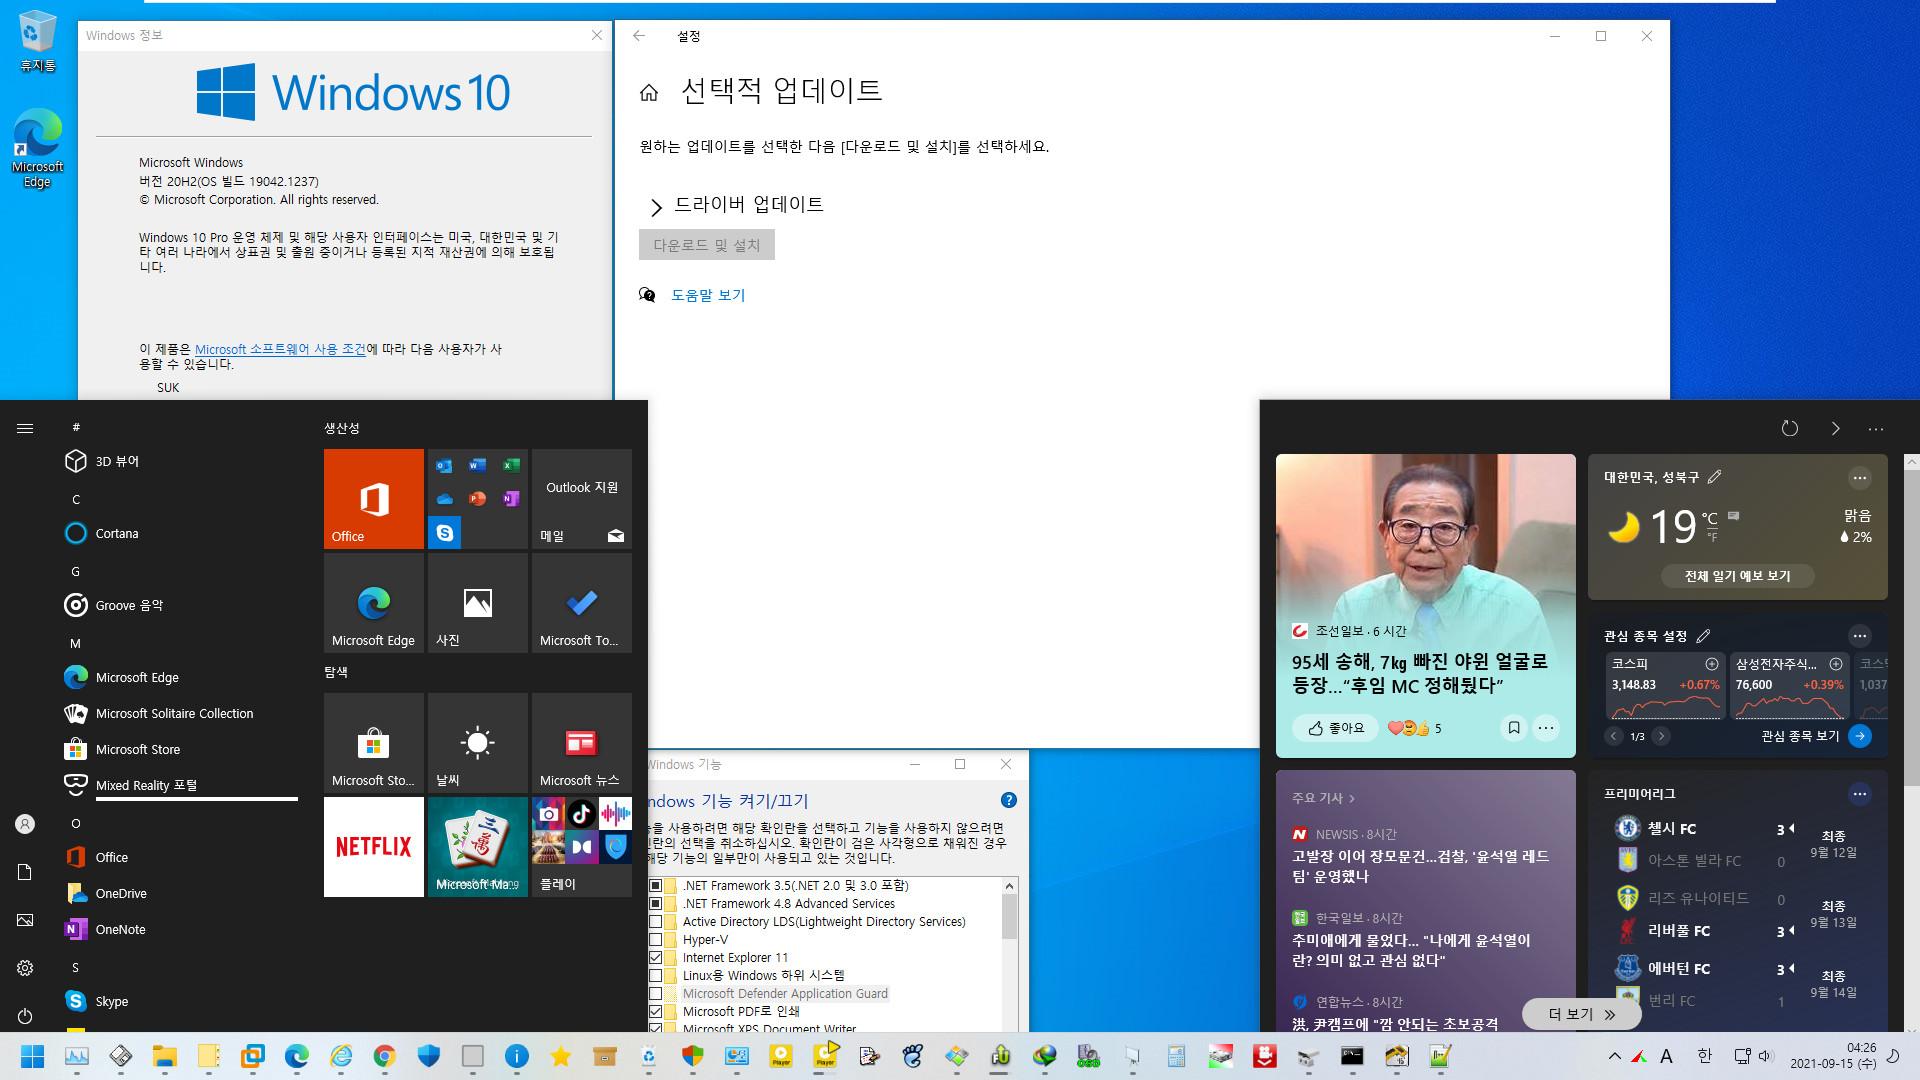 2021-09-15 정기 업데이트 - PRO x64 4개 버전 통합 - Windows 10 버전 2004, 빌드 19041.1237 + 버전 20H2, 빌드 19042.1237 + 버전 21H1, 빌드 19043.1237 + 버전 21H2, 빌드 19044.1237 - 공용 누적 업데이트 KB5005565 - 2021-09-15_042609.jpg